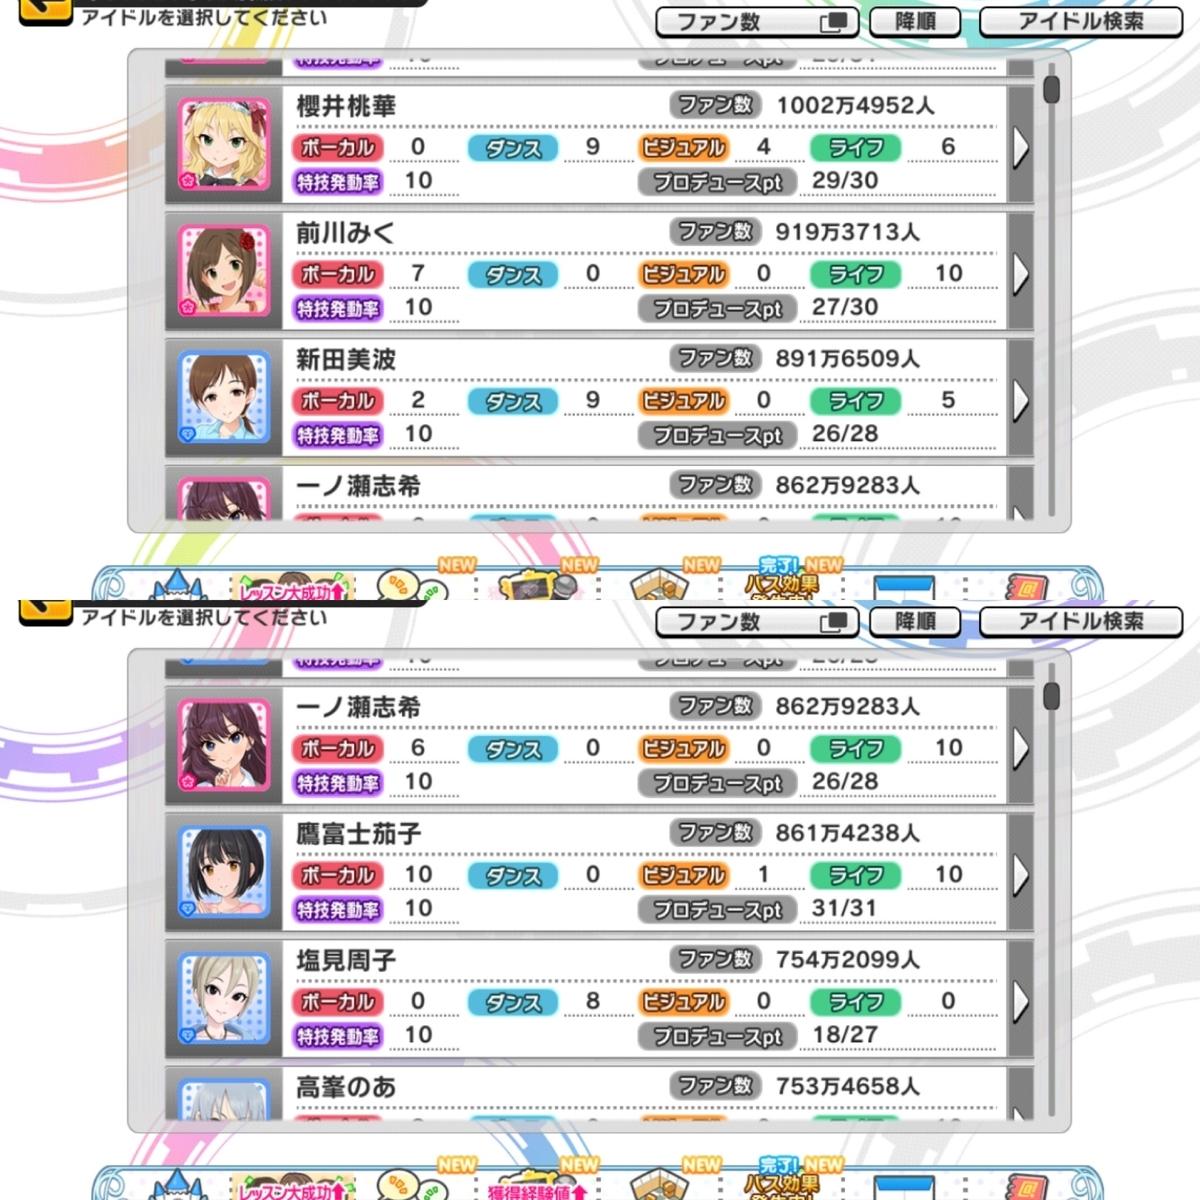 f:id:Kotoha-P_mtf:20211010154818j:plain